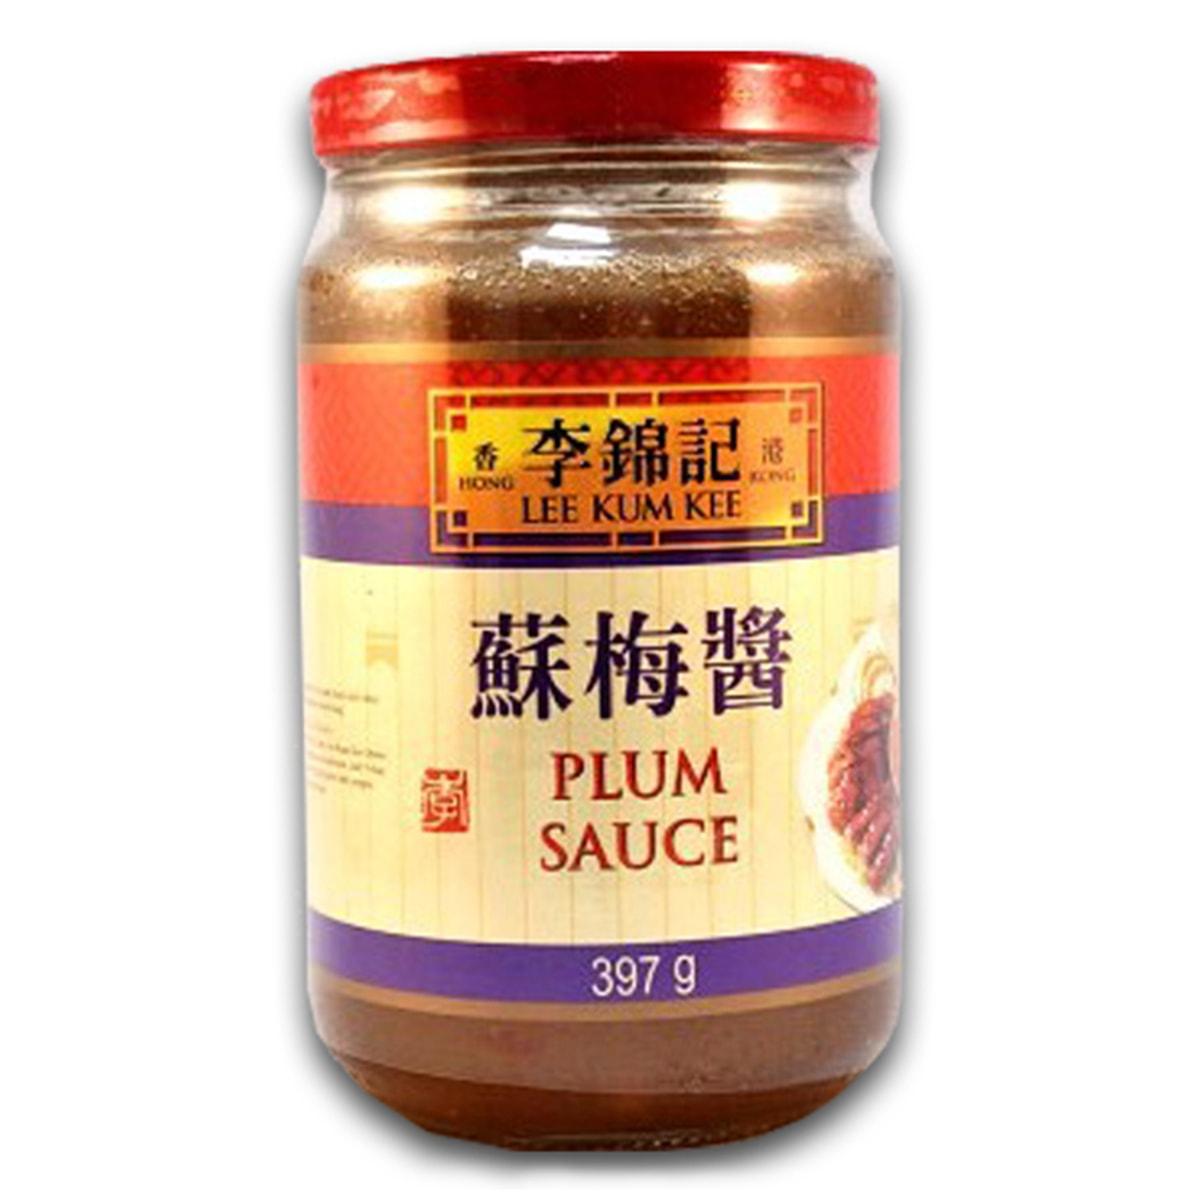 Buy Lee Kum Kee Plum Sauce - 397 gm